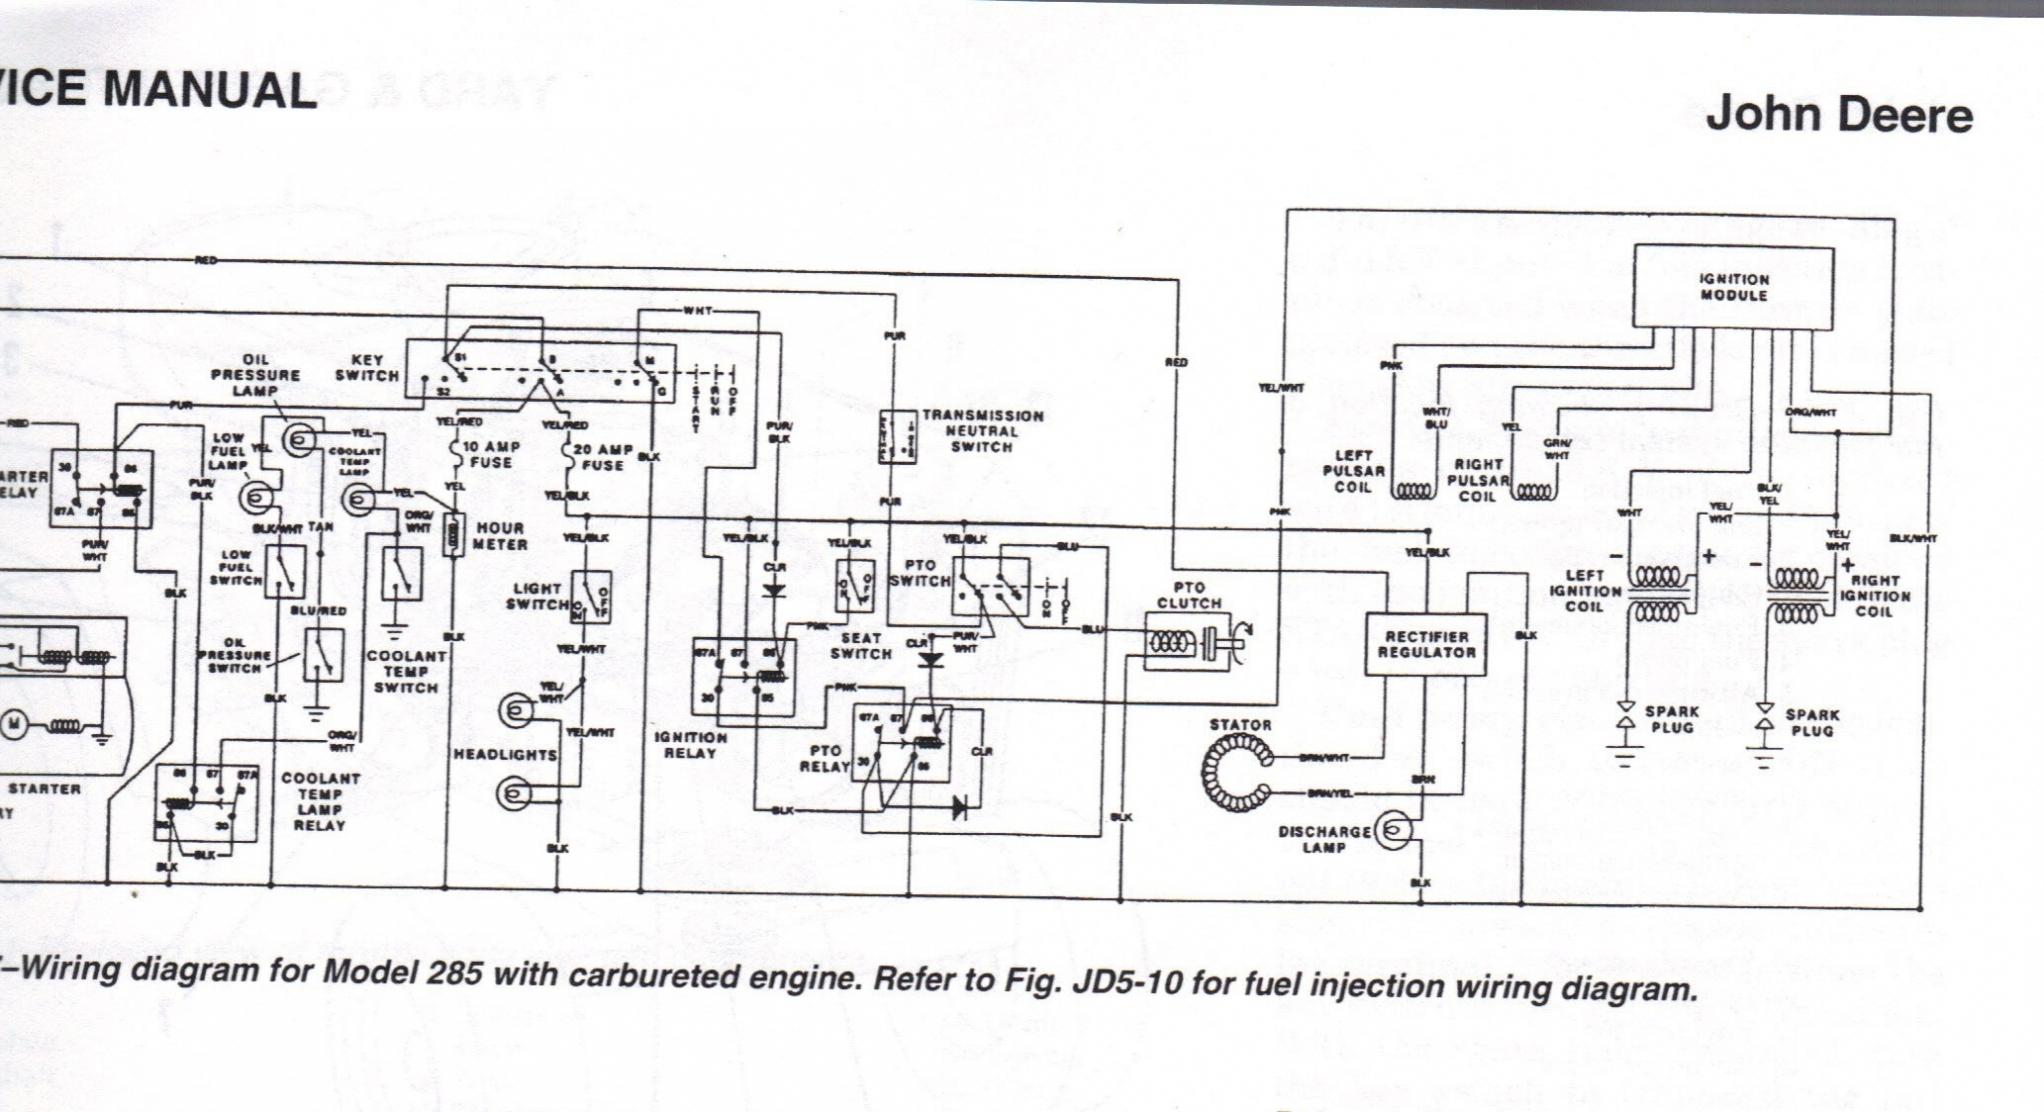 [DIAGRAM] John Deere Gator Ignition Switch Wiring Diagram